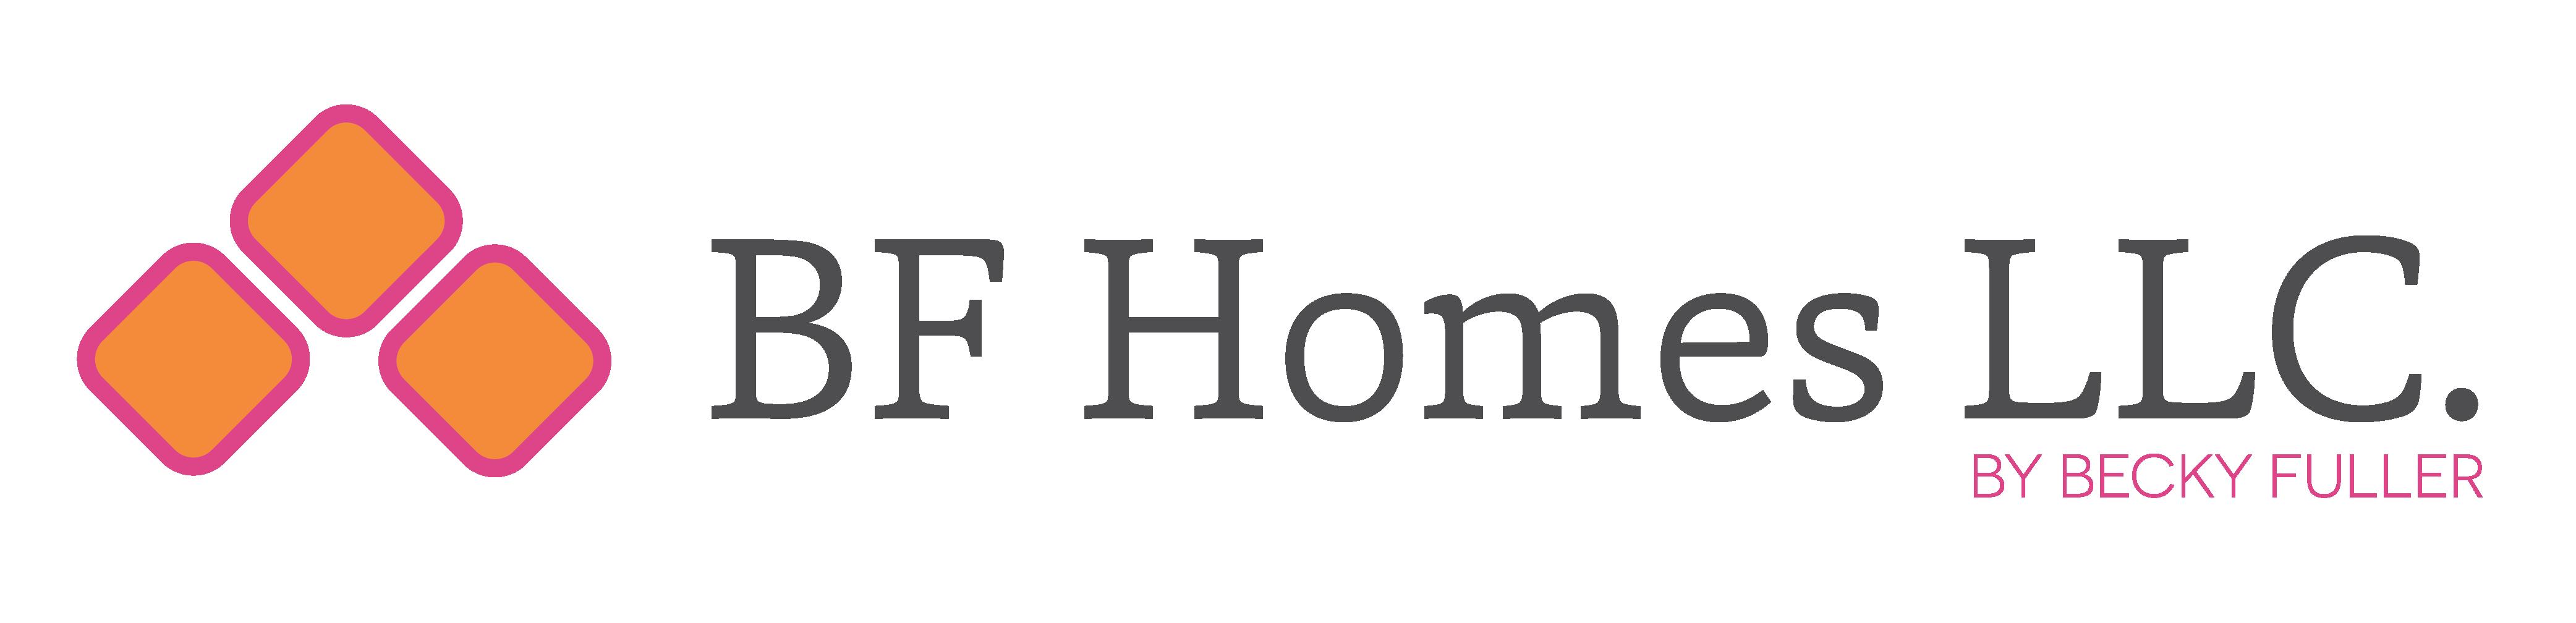 Becky Fuller Homes